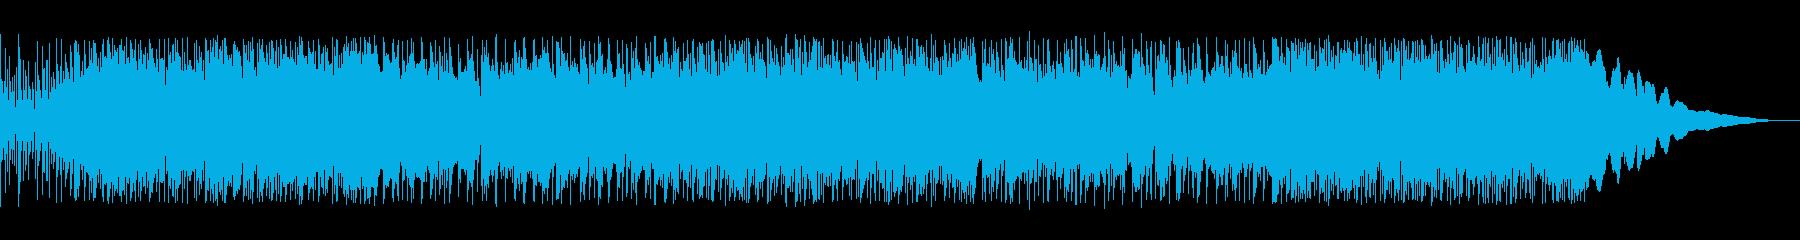 疾走感のあるアジアンテイストな曲の再生済みの波形